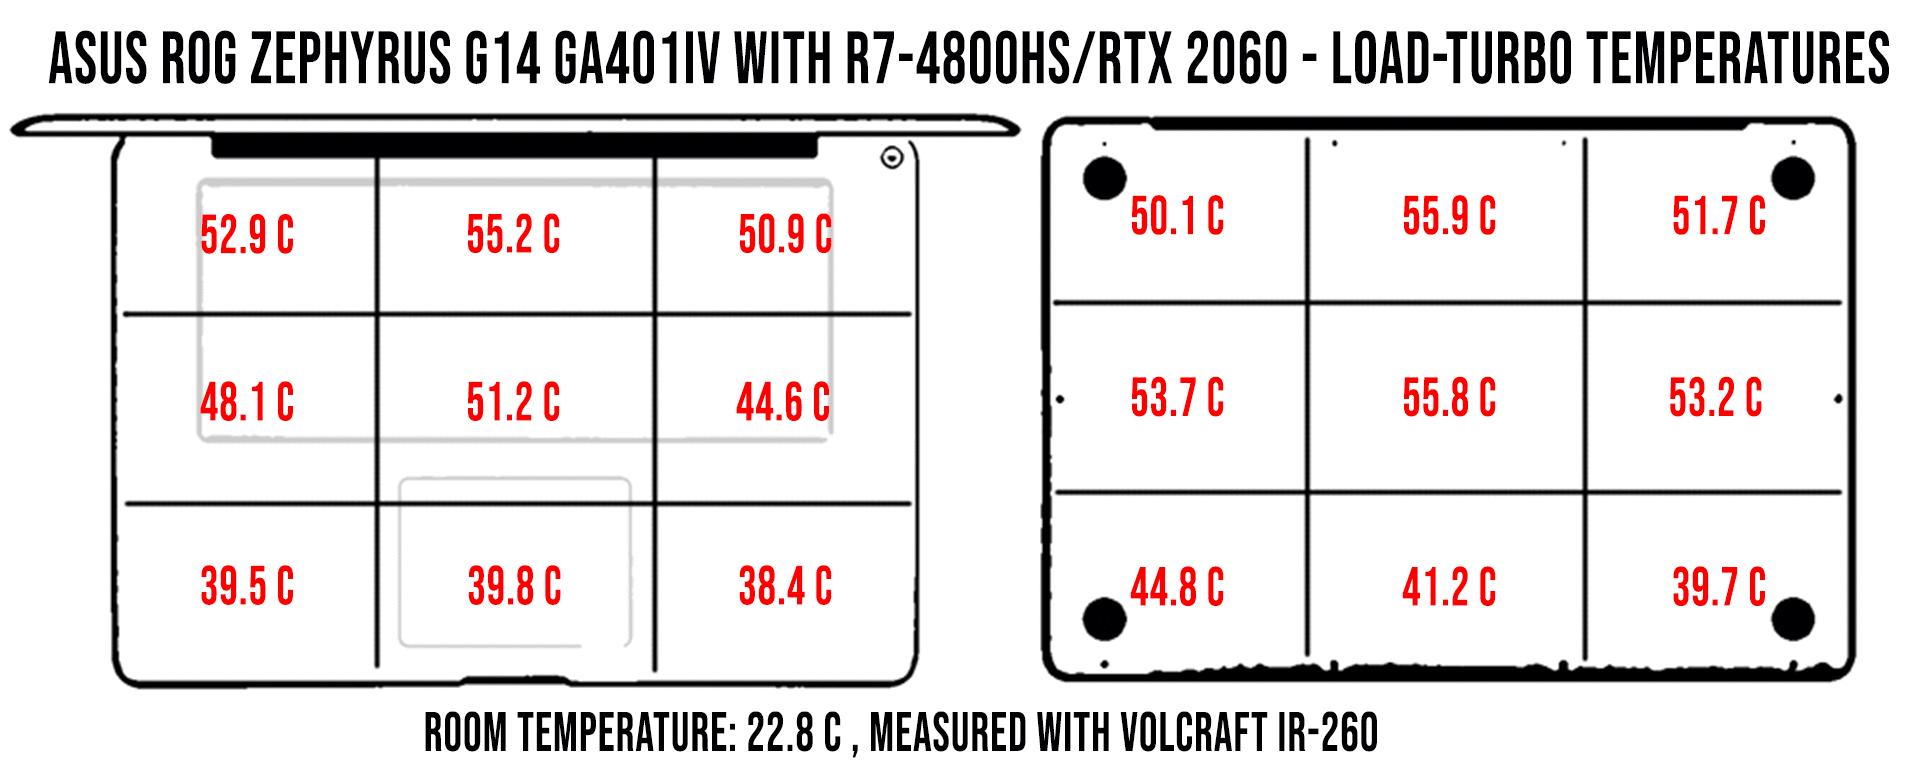 temperaturi-load-turbo-zephyrus-g14-ga401iv